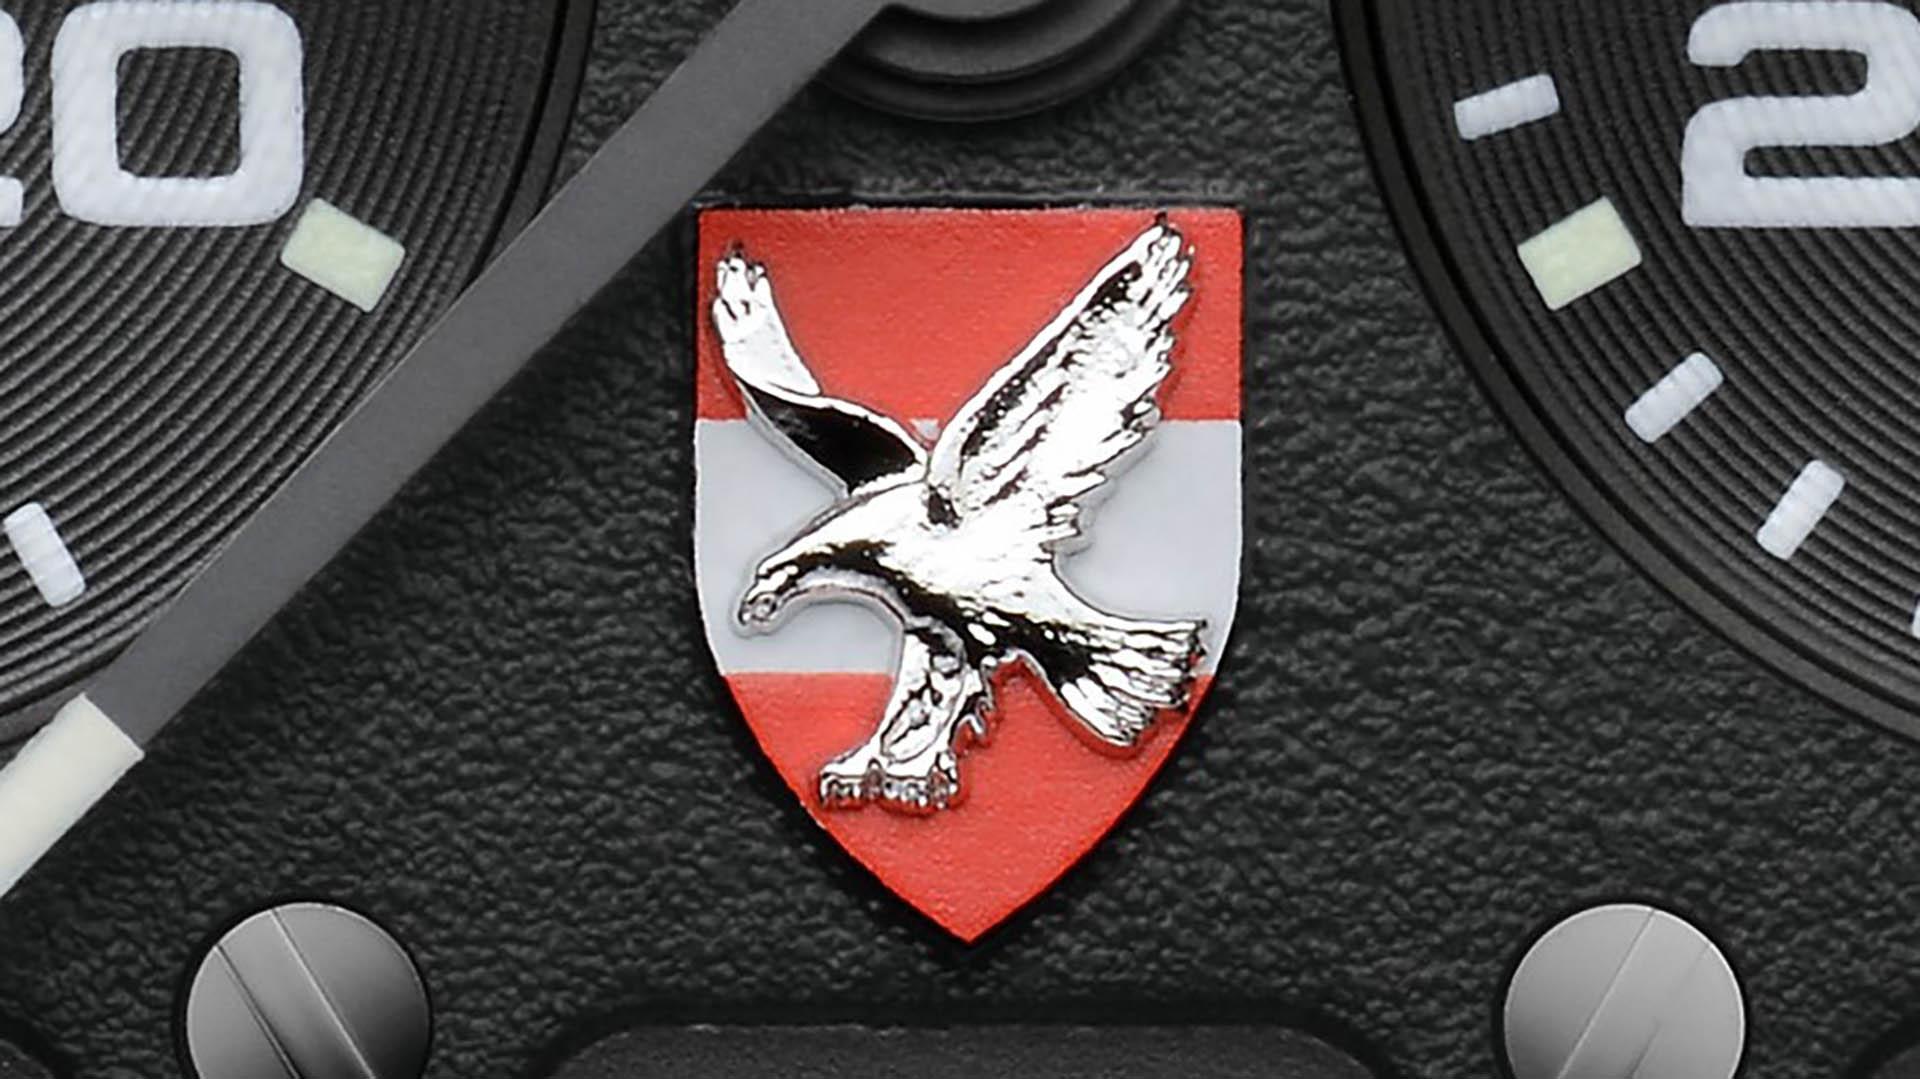 Das Wappen der österreichischen Luftwaffe auf dem Zifferblatt der Uhr